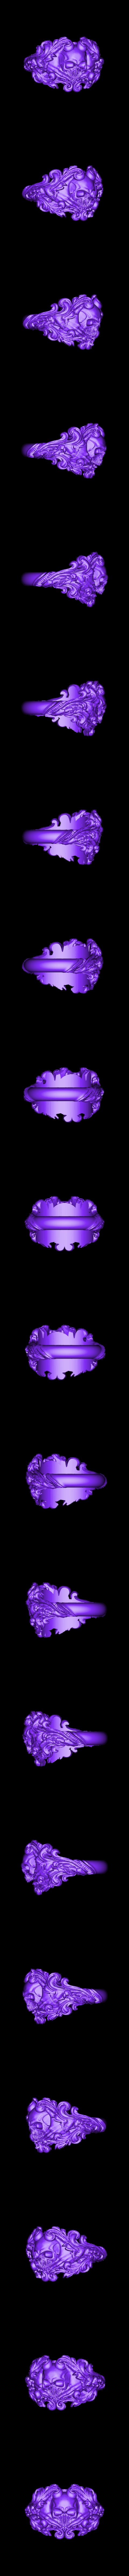 Inner diametr 19mm weight 13.2gr.obj Download OBJ file Vintage Ring • 3D print template, Roman_Kharikov